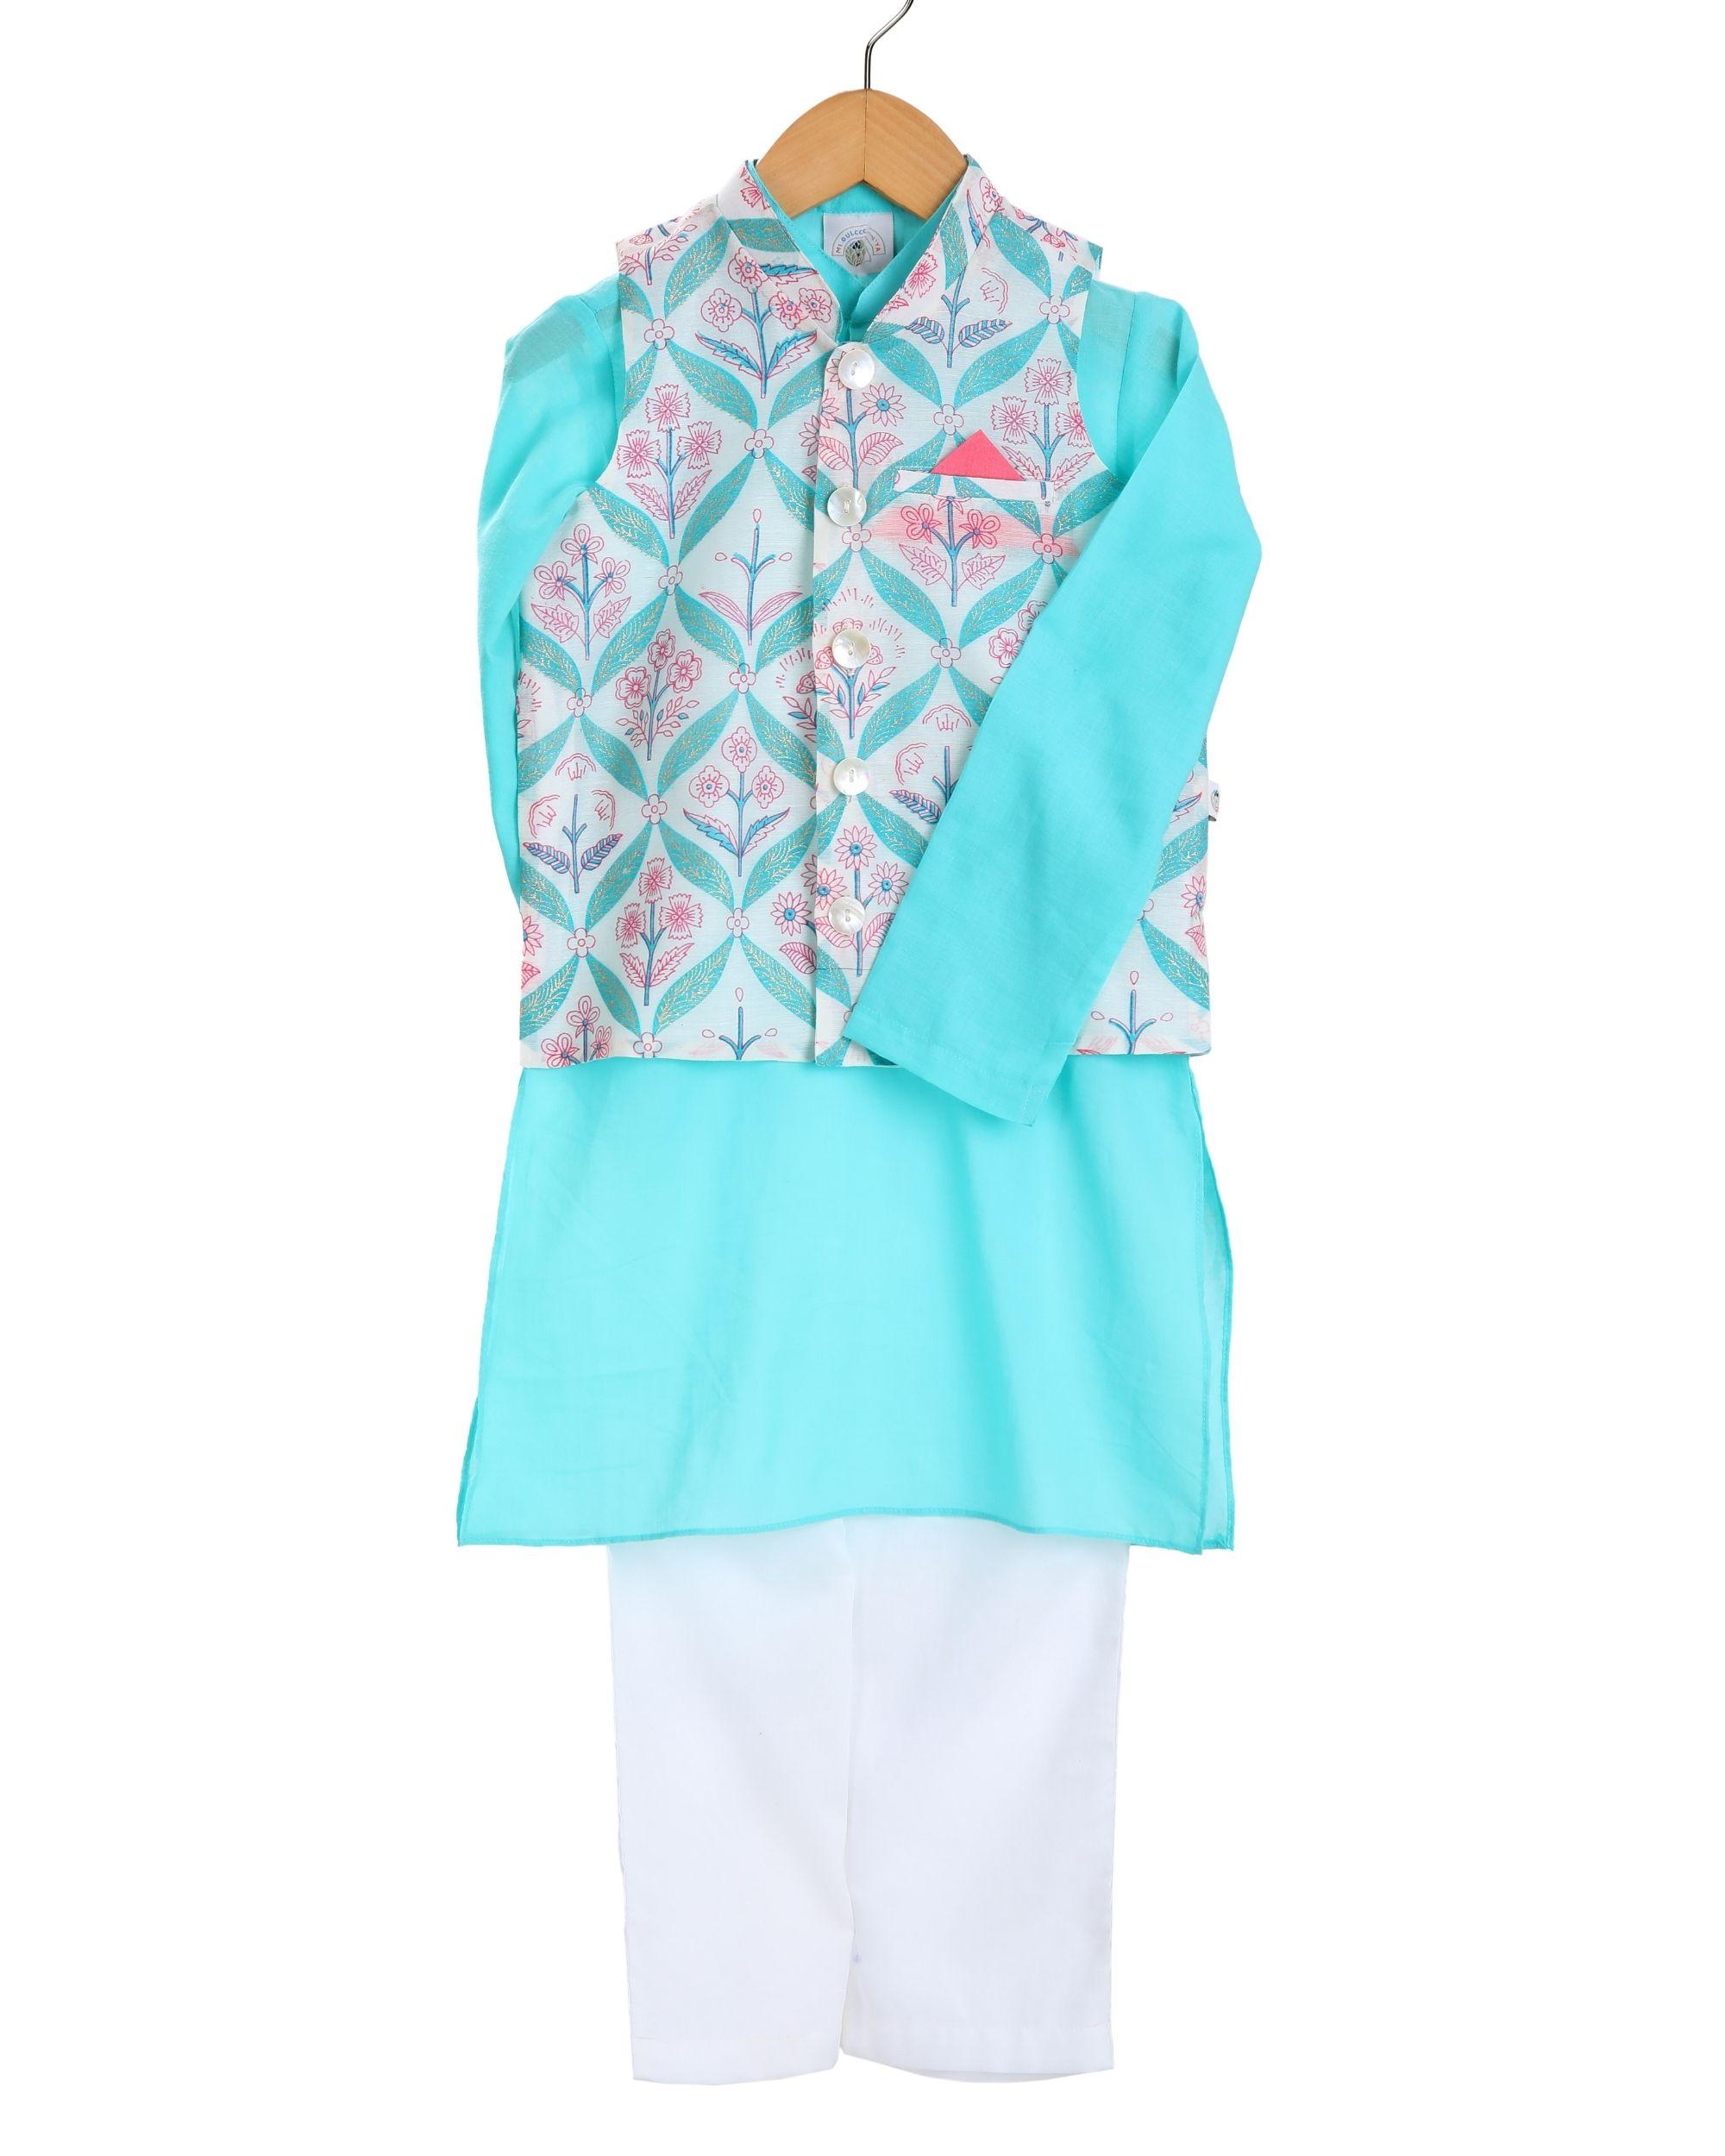 Turquoise kurta and ivory pajama with botanical printed jacket - set of three